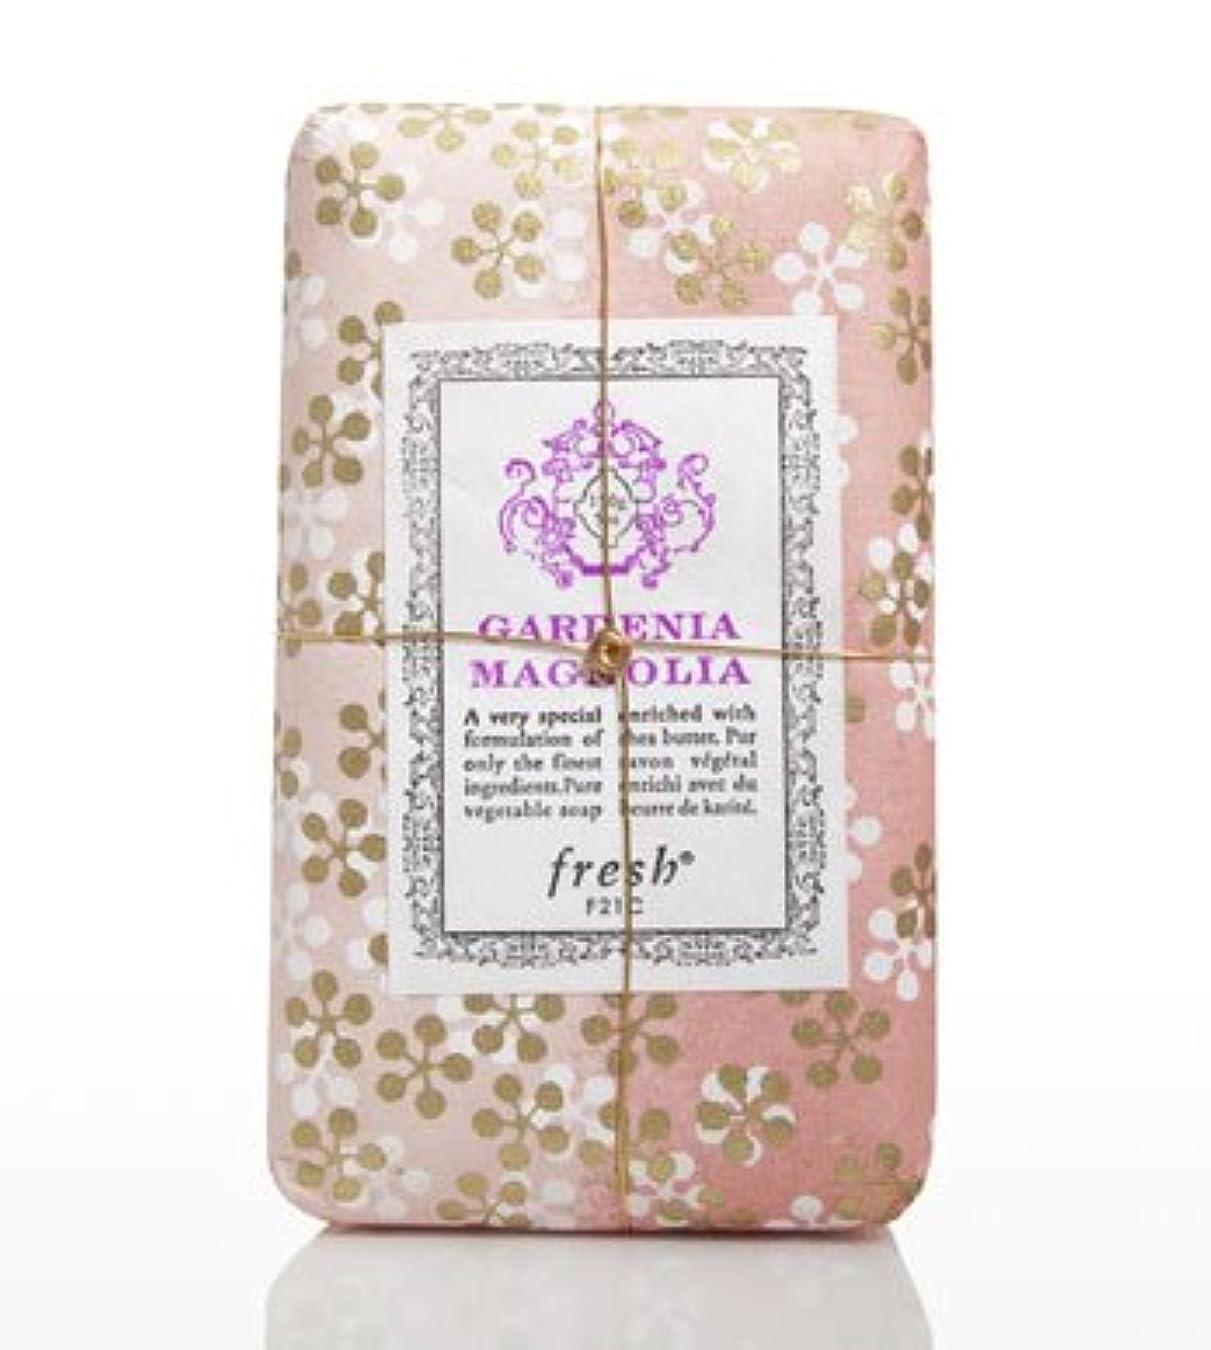 前部フロンティア輸送Fresh GARDENIA MAGNOLIA SOAP(フレッシュ ガーデナマグノリア ソープ) 5.0 oz (150gl) 石鹸 by Fresh